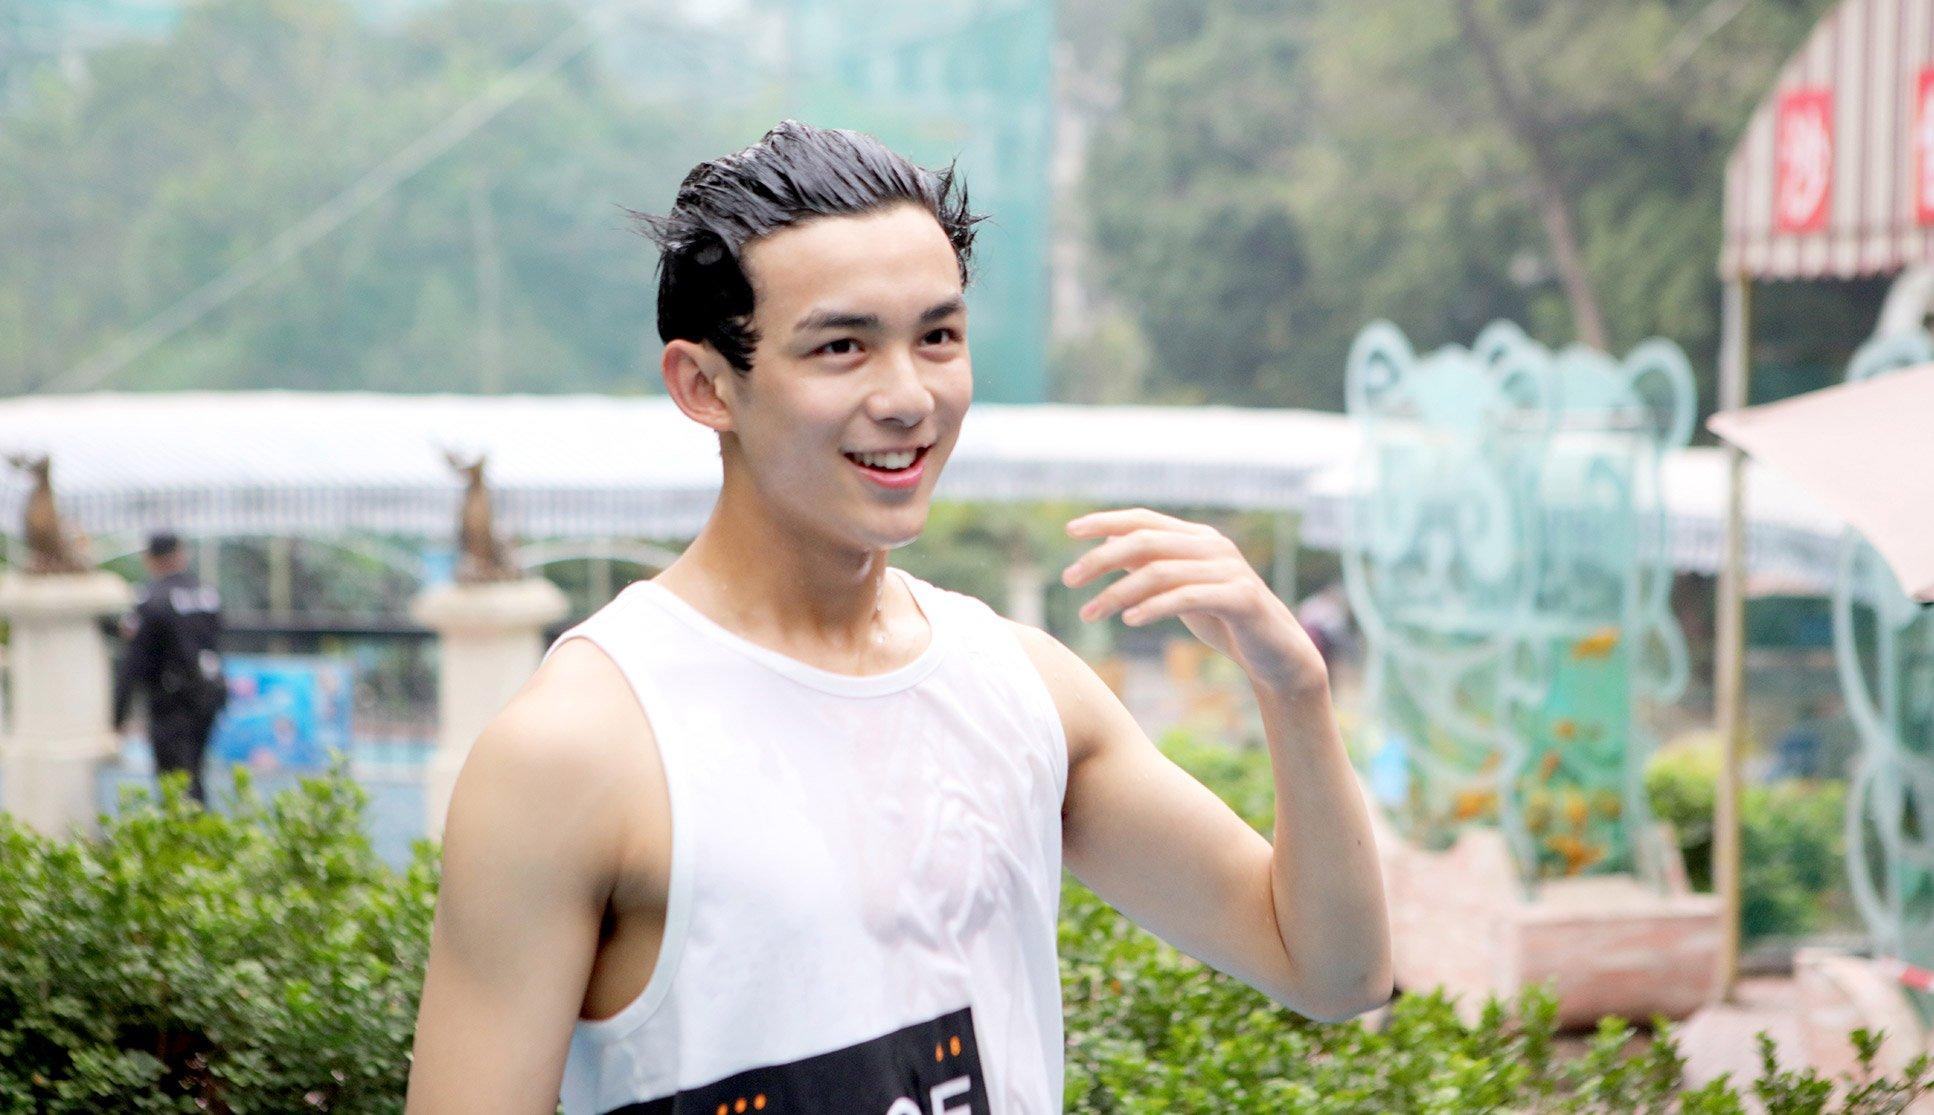 吴磊为获信物湿身